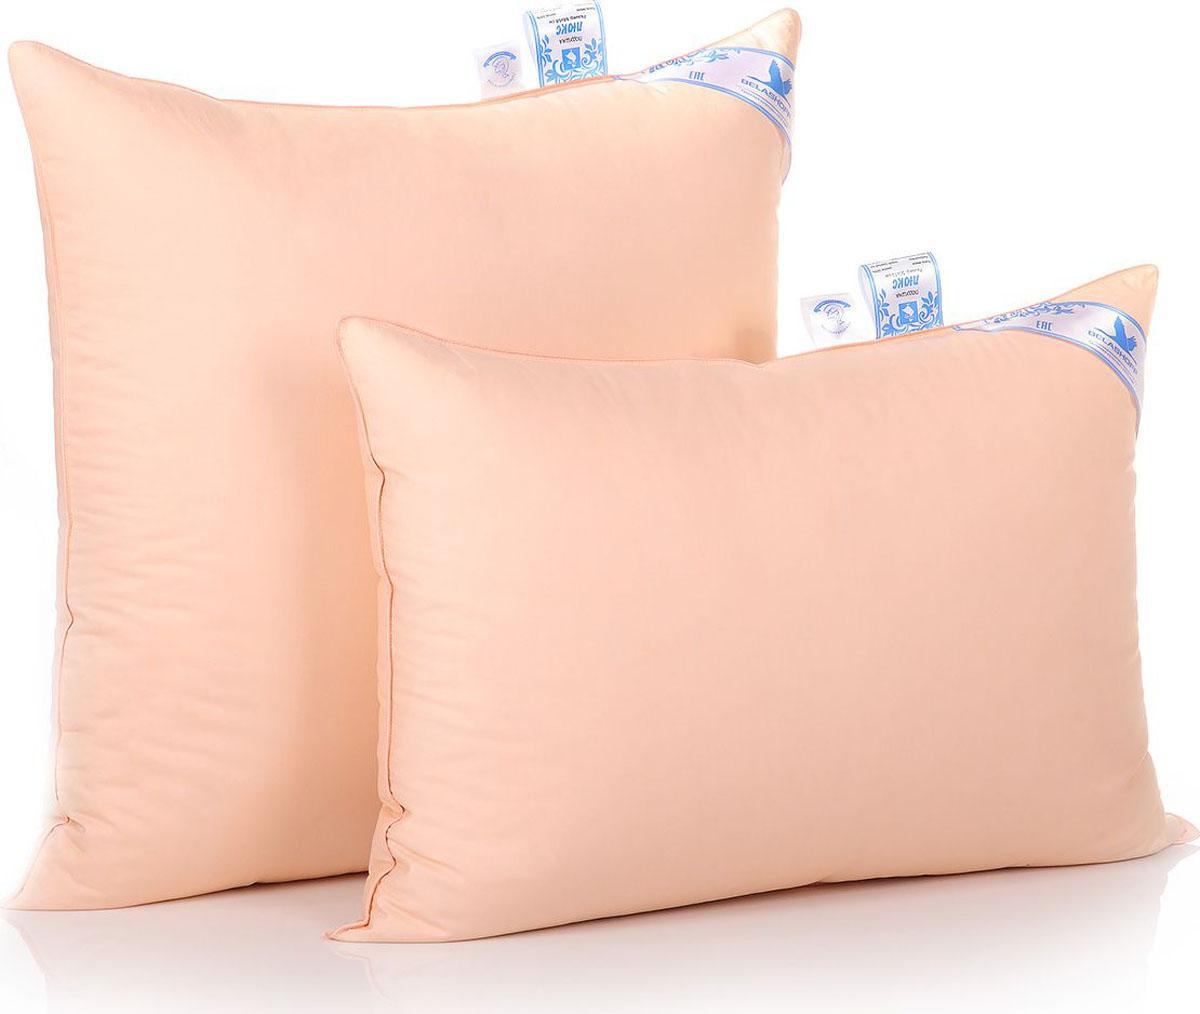 Belashoff Подушка Люкс цвет персиковый 50 x 70 см